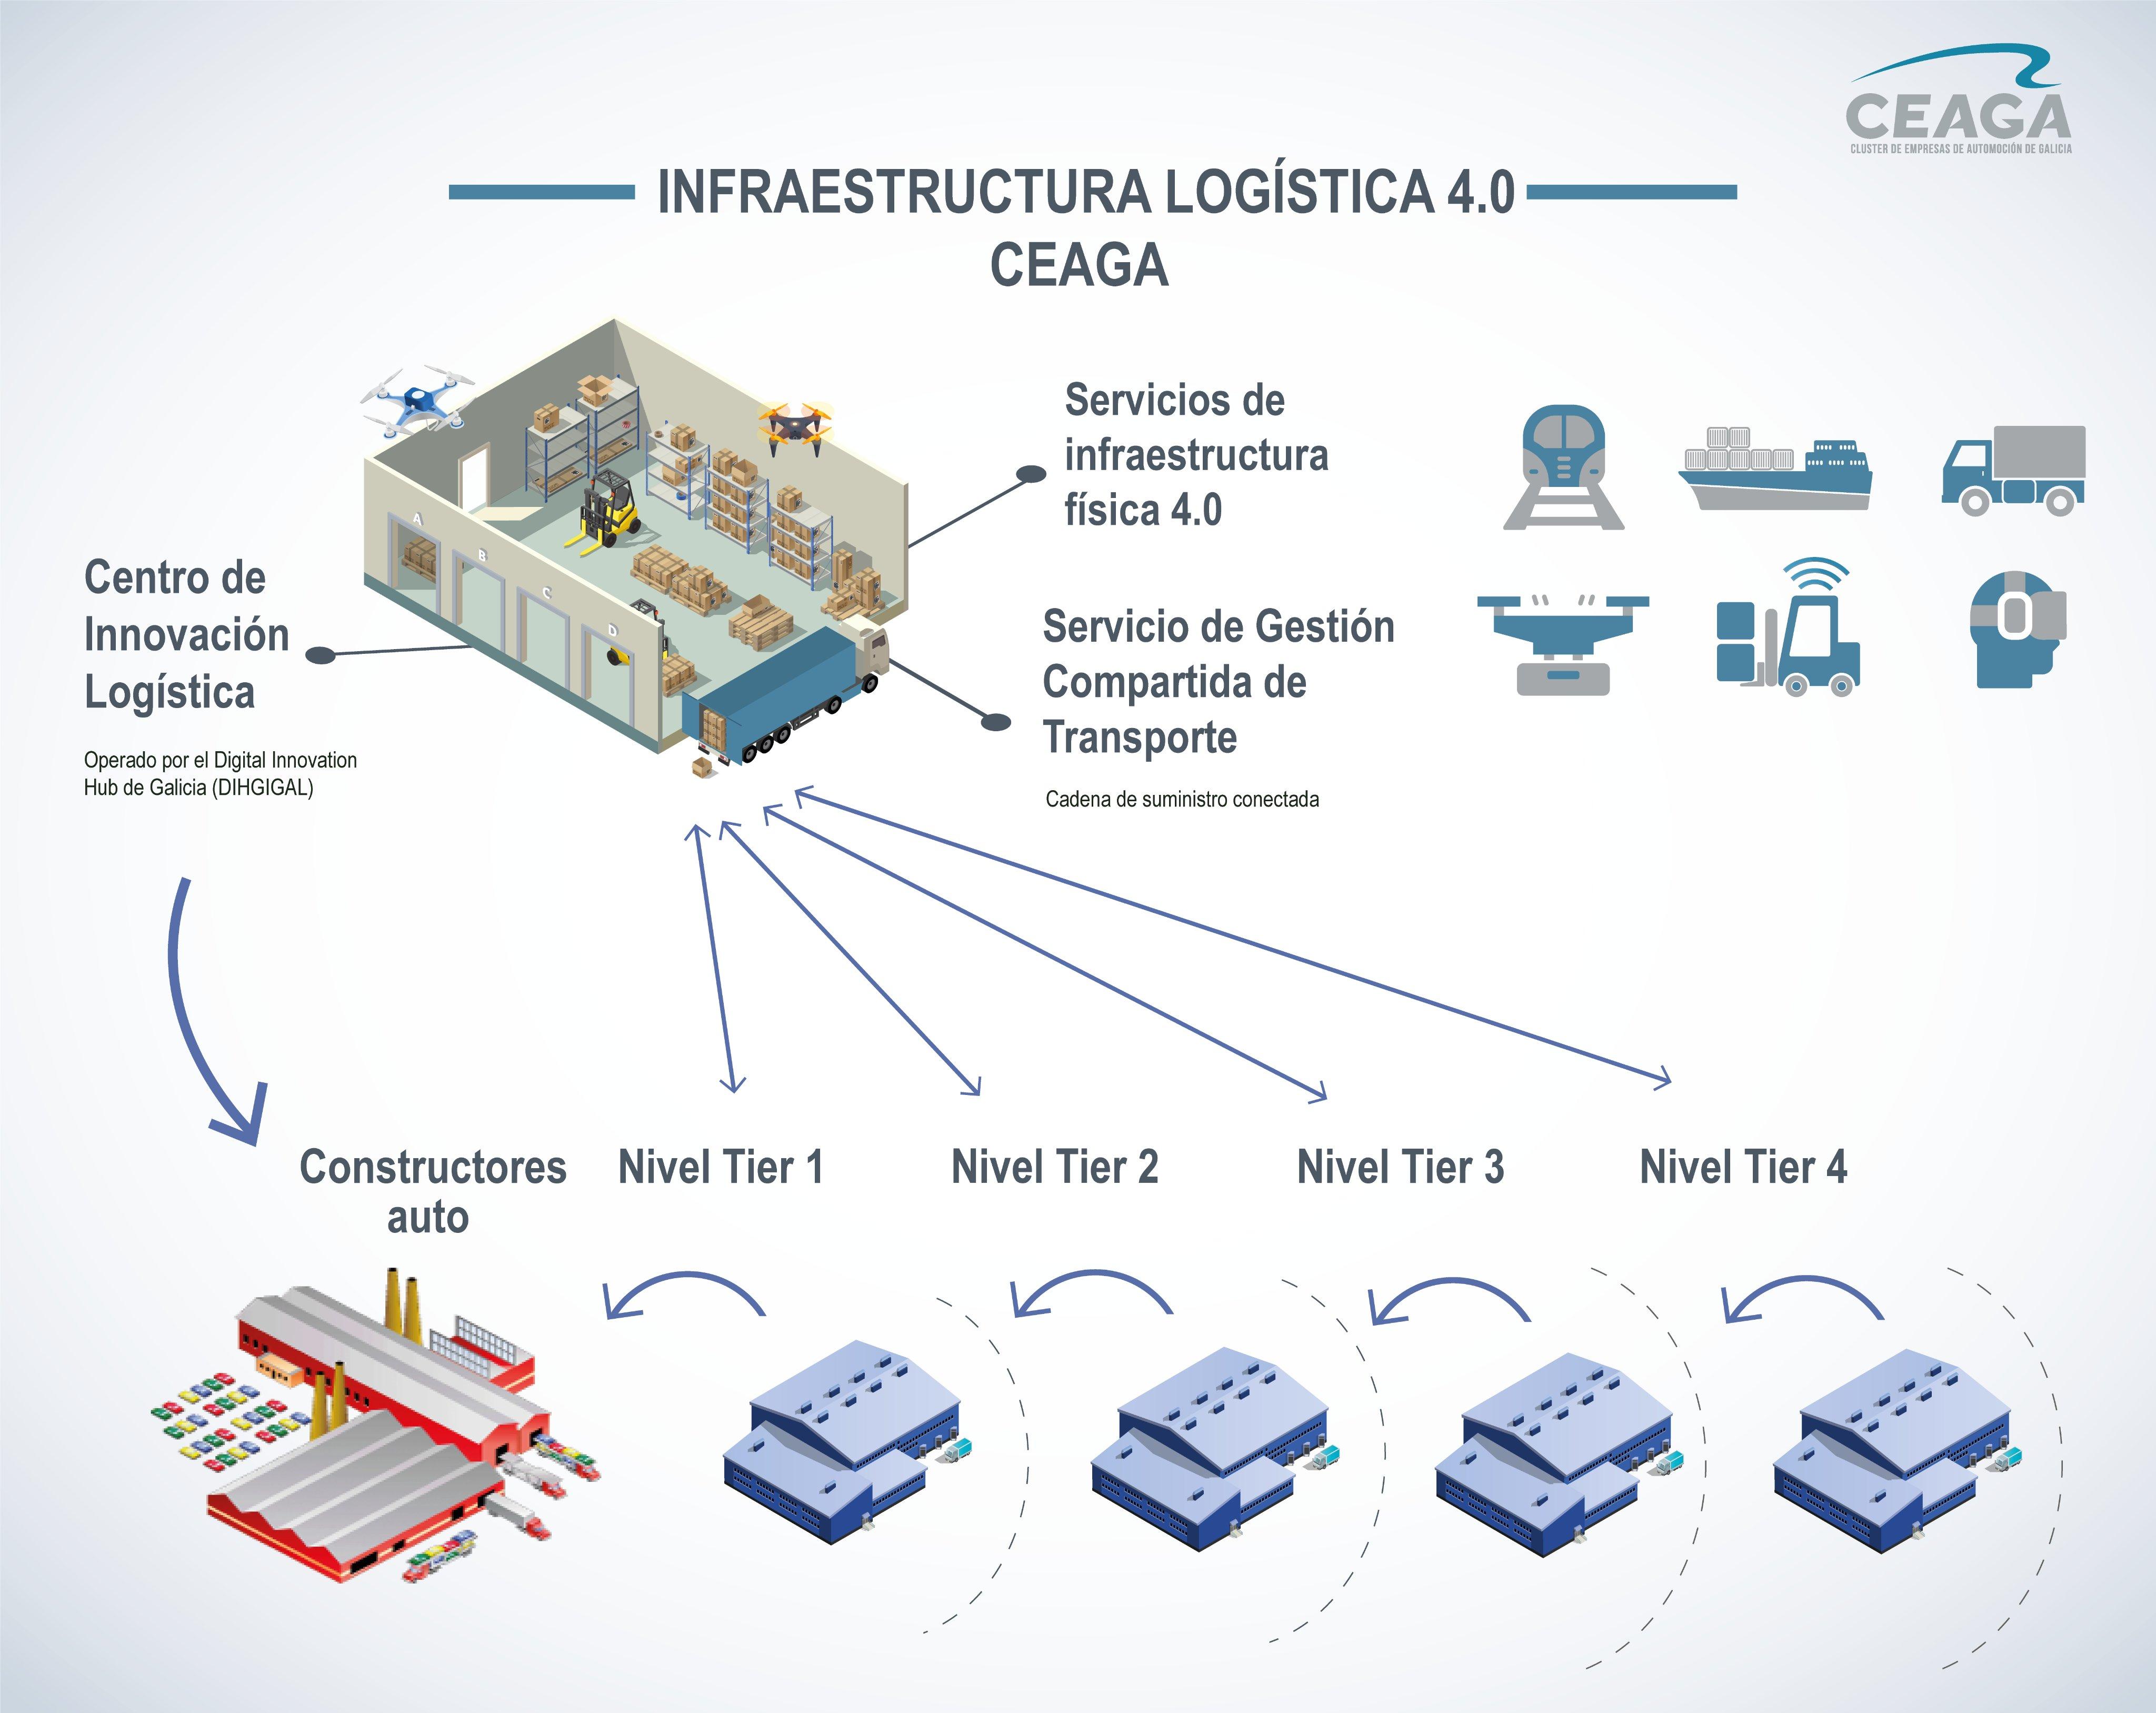 El clúster de automoción liderará el desarrollo de una infraestructura compartida de logística inteligente en Galicia